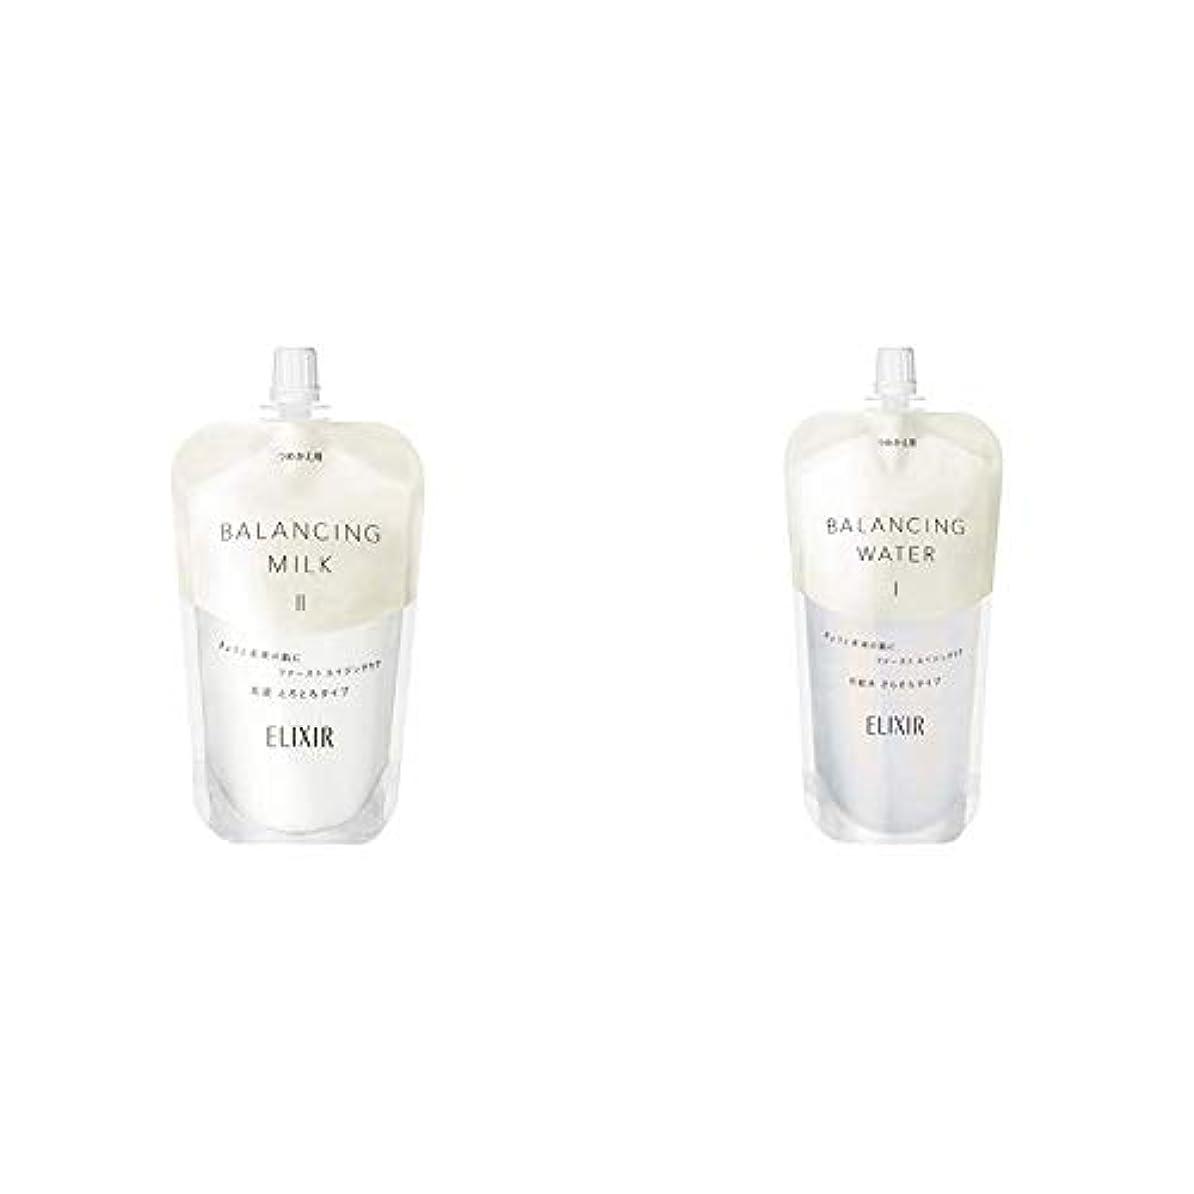 胆嚢礼儀矢エリクシール ルフレ バランシング ミルク 乳液 2 (とろとろタイプ) (つめかえ用) 110mL & ルフレ バランシング ウォーター 化粧水 1 (さらさらタイプ) (つめかえ用) 150mL